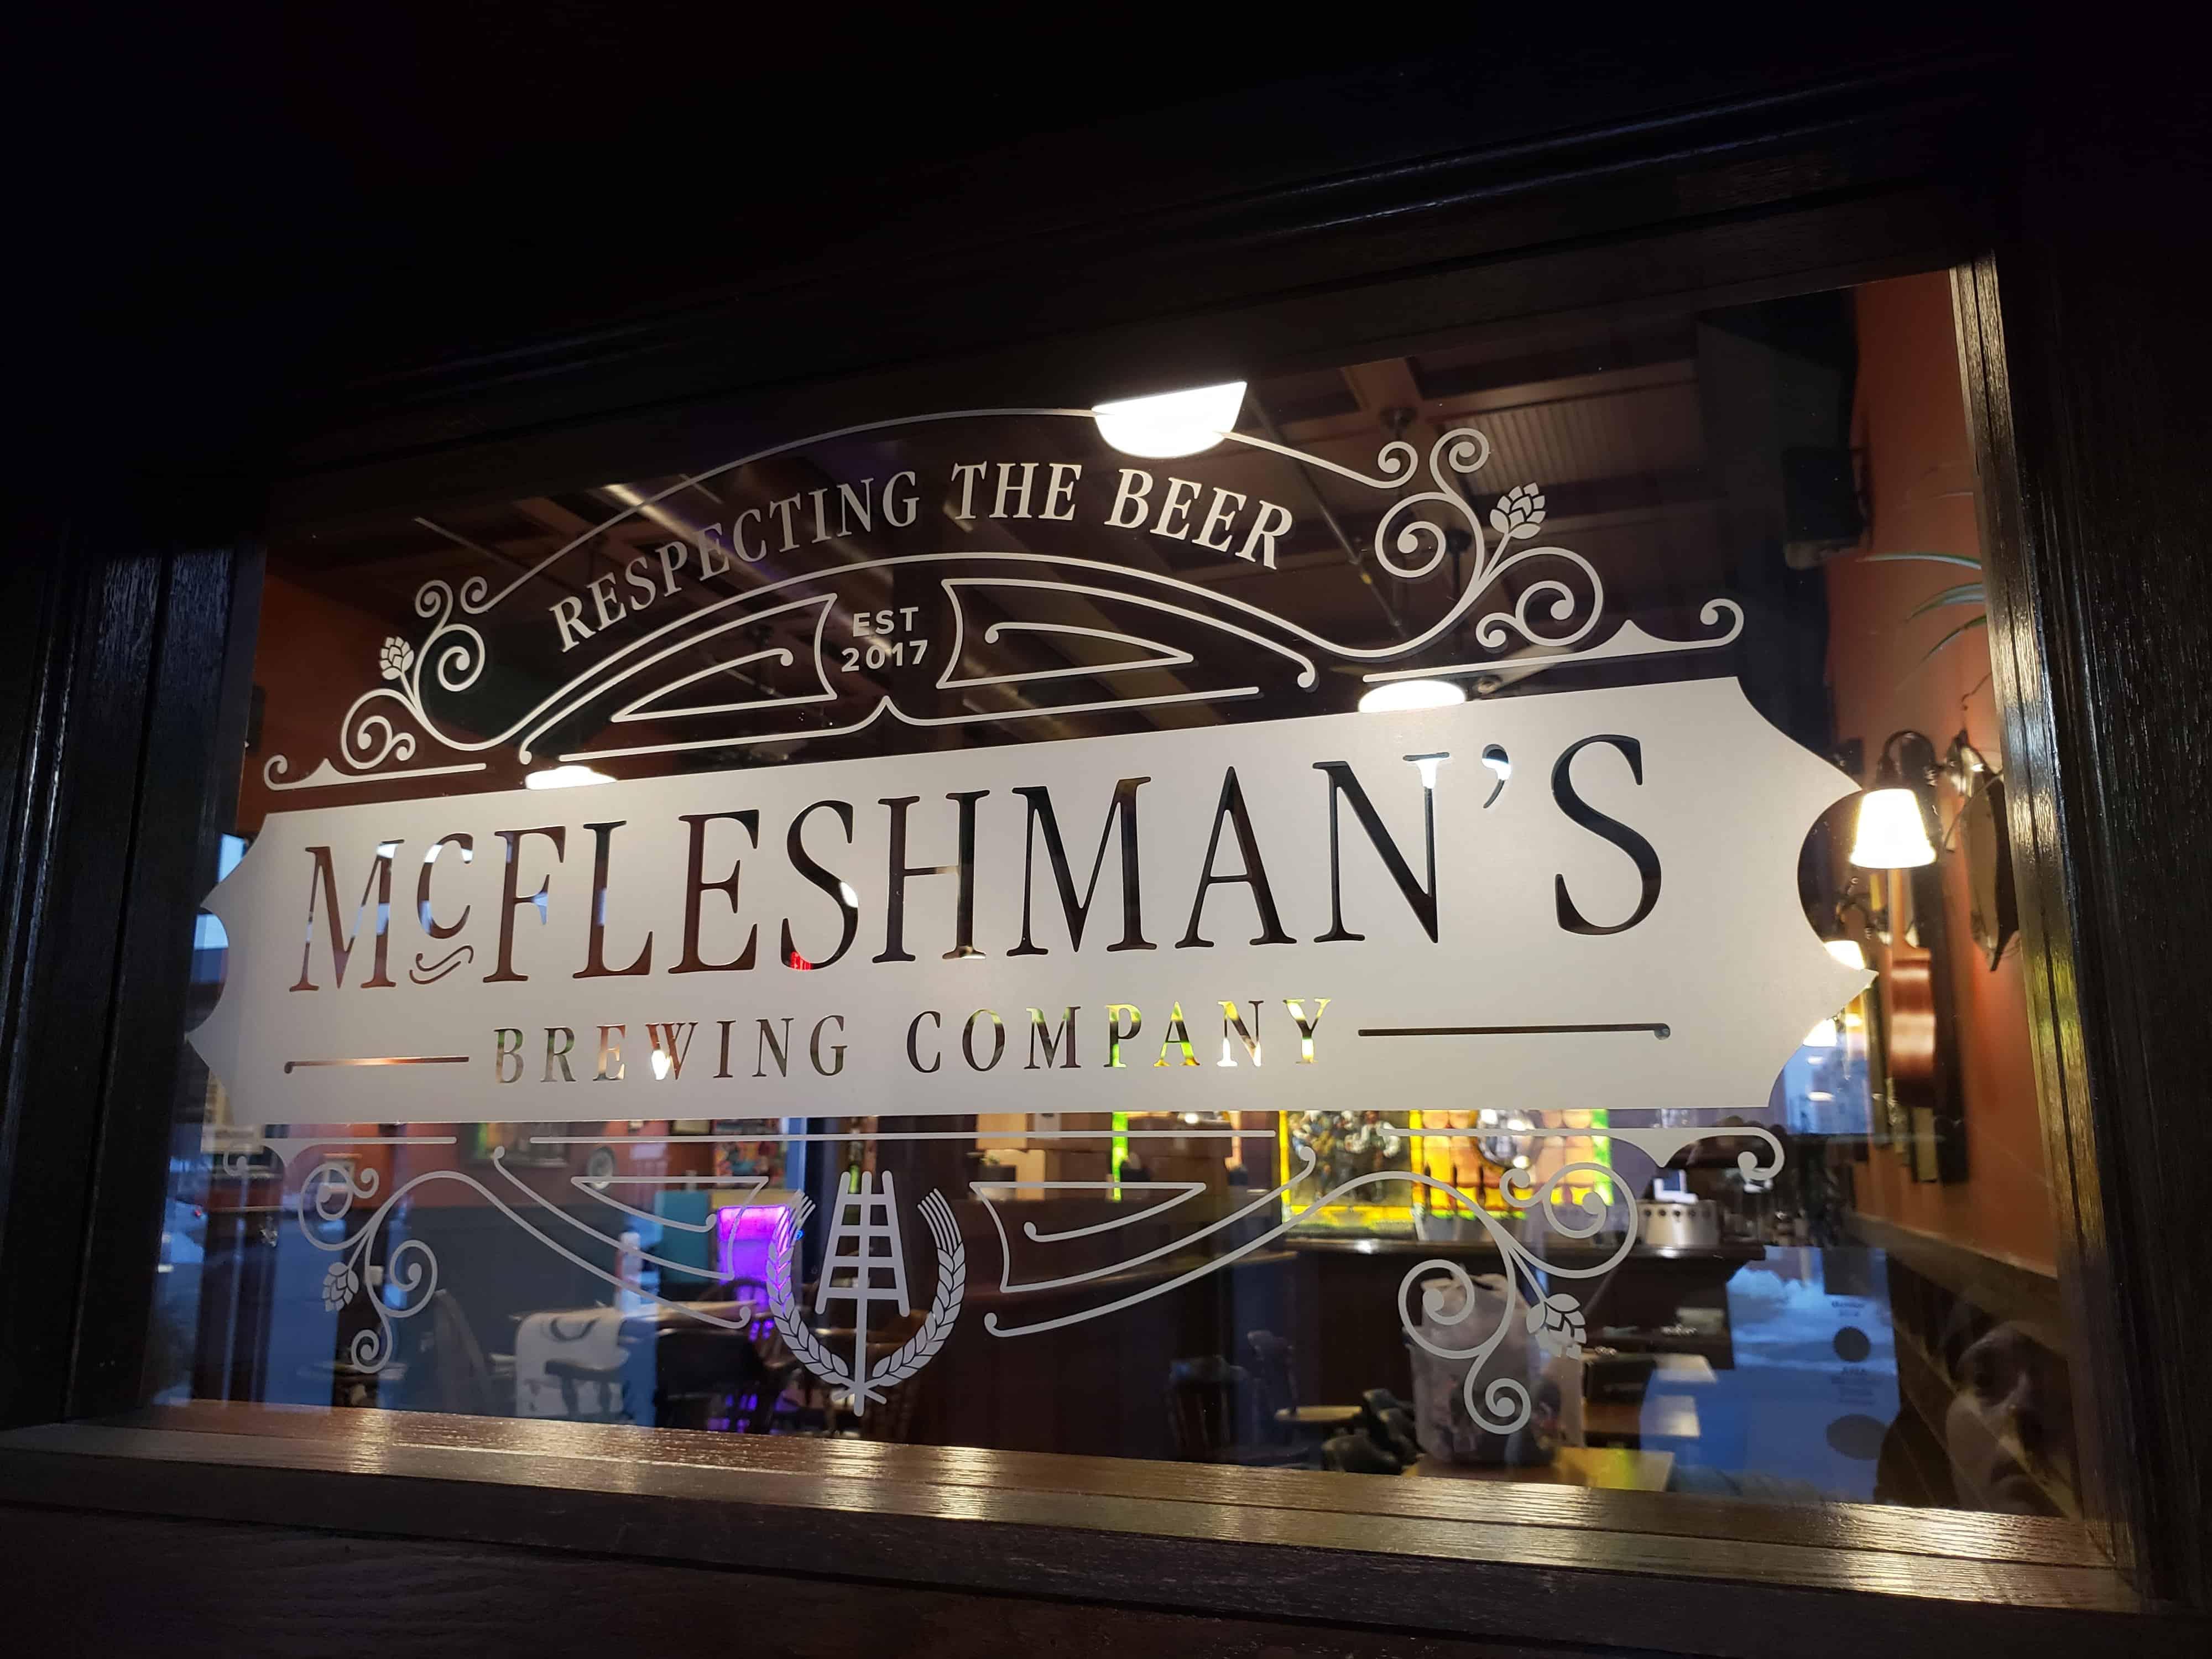 McFleshmans Brewery